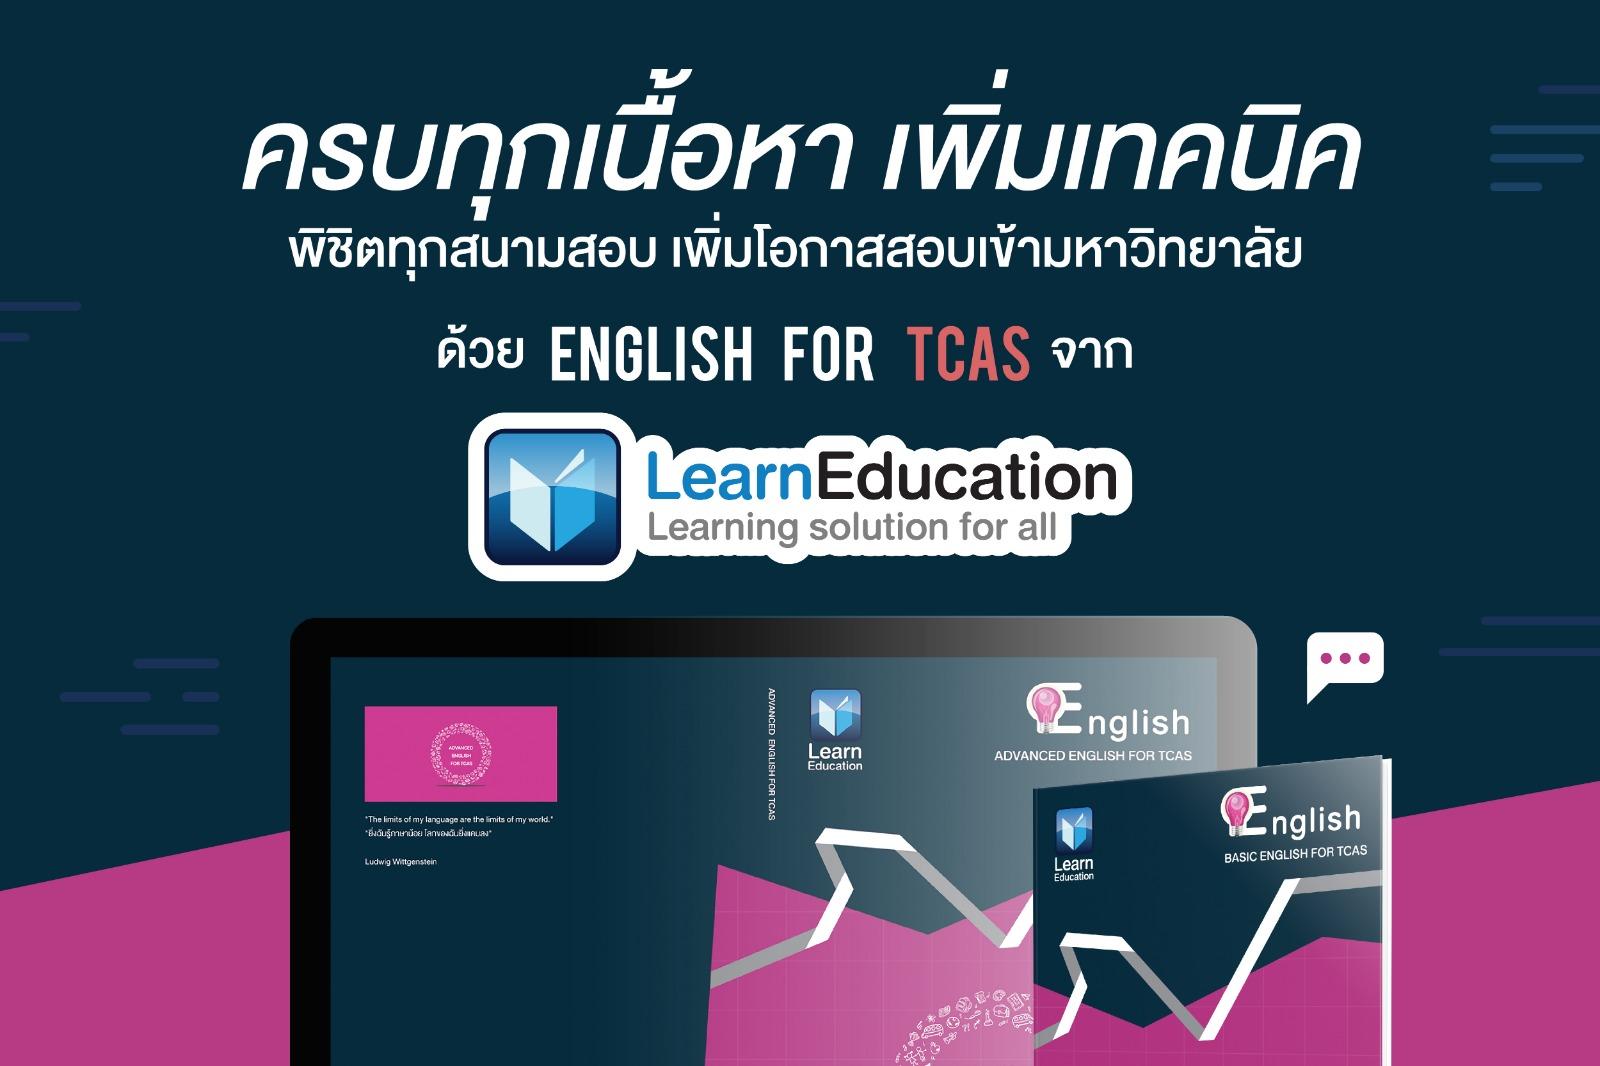 ครบทุกเนื้อหา เสริมเทคนิค พิชิตทุกสนามสอบ เพิ่มโอกาสสอบติดมหาวิทยาลัย ด้วย English for TCAS จาก LearnEducation